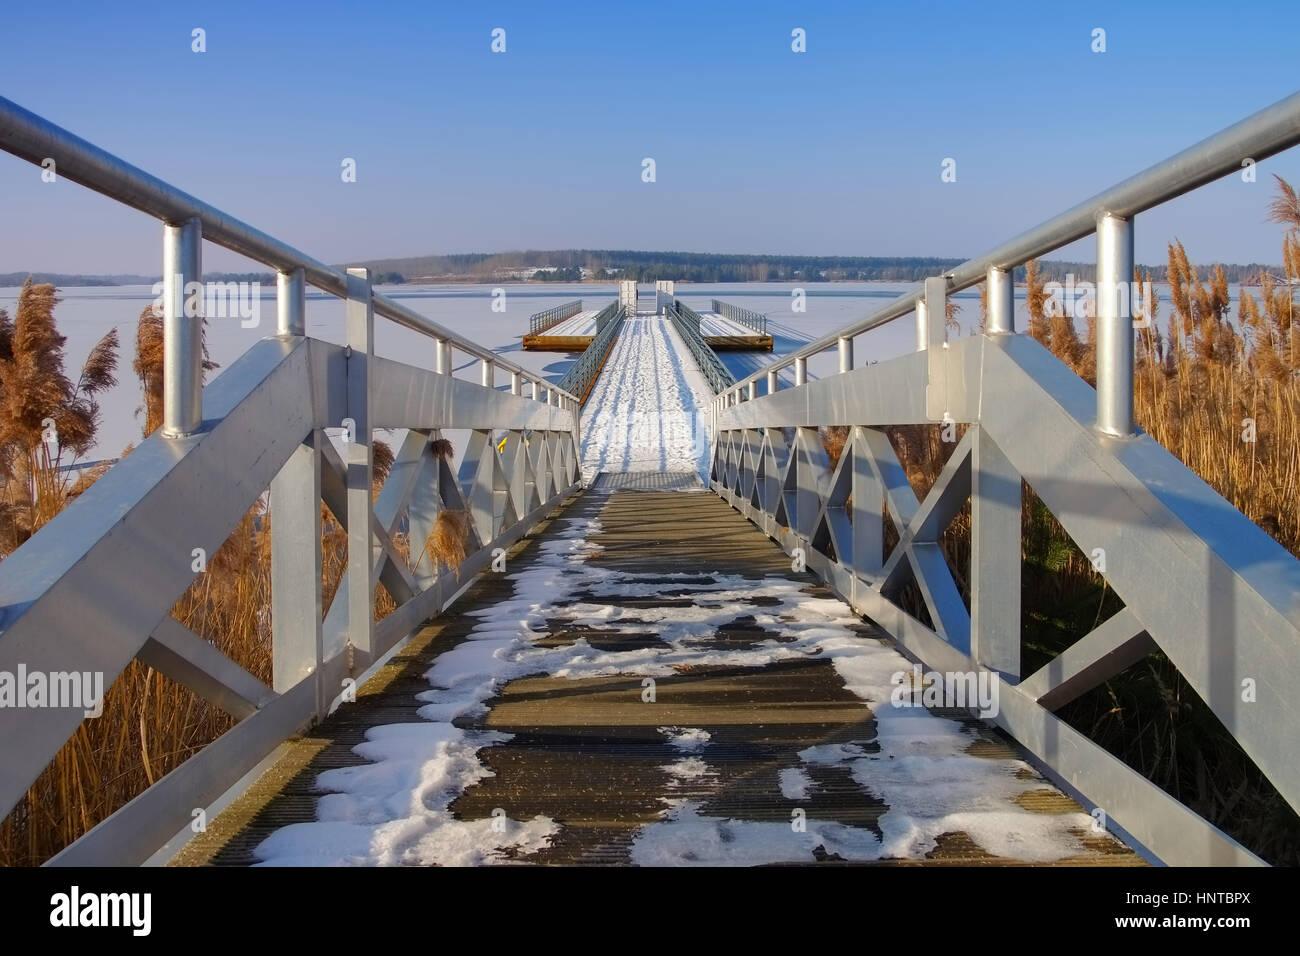 Schwimmender Steg, Lausitzer Seenland - schwimmende Brücke im Winter, Lausitzer Seenland Stockbild